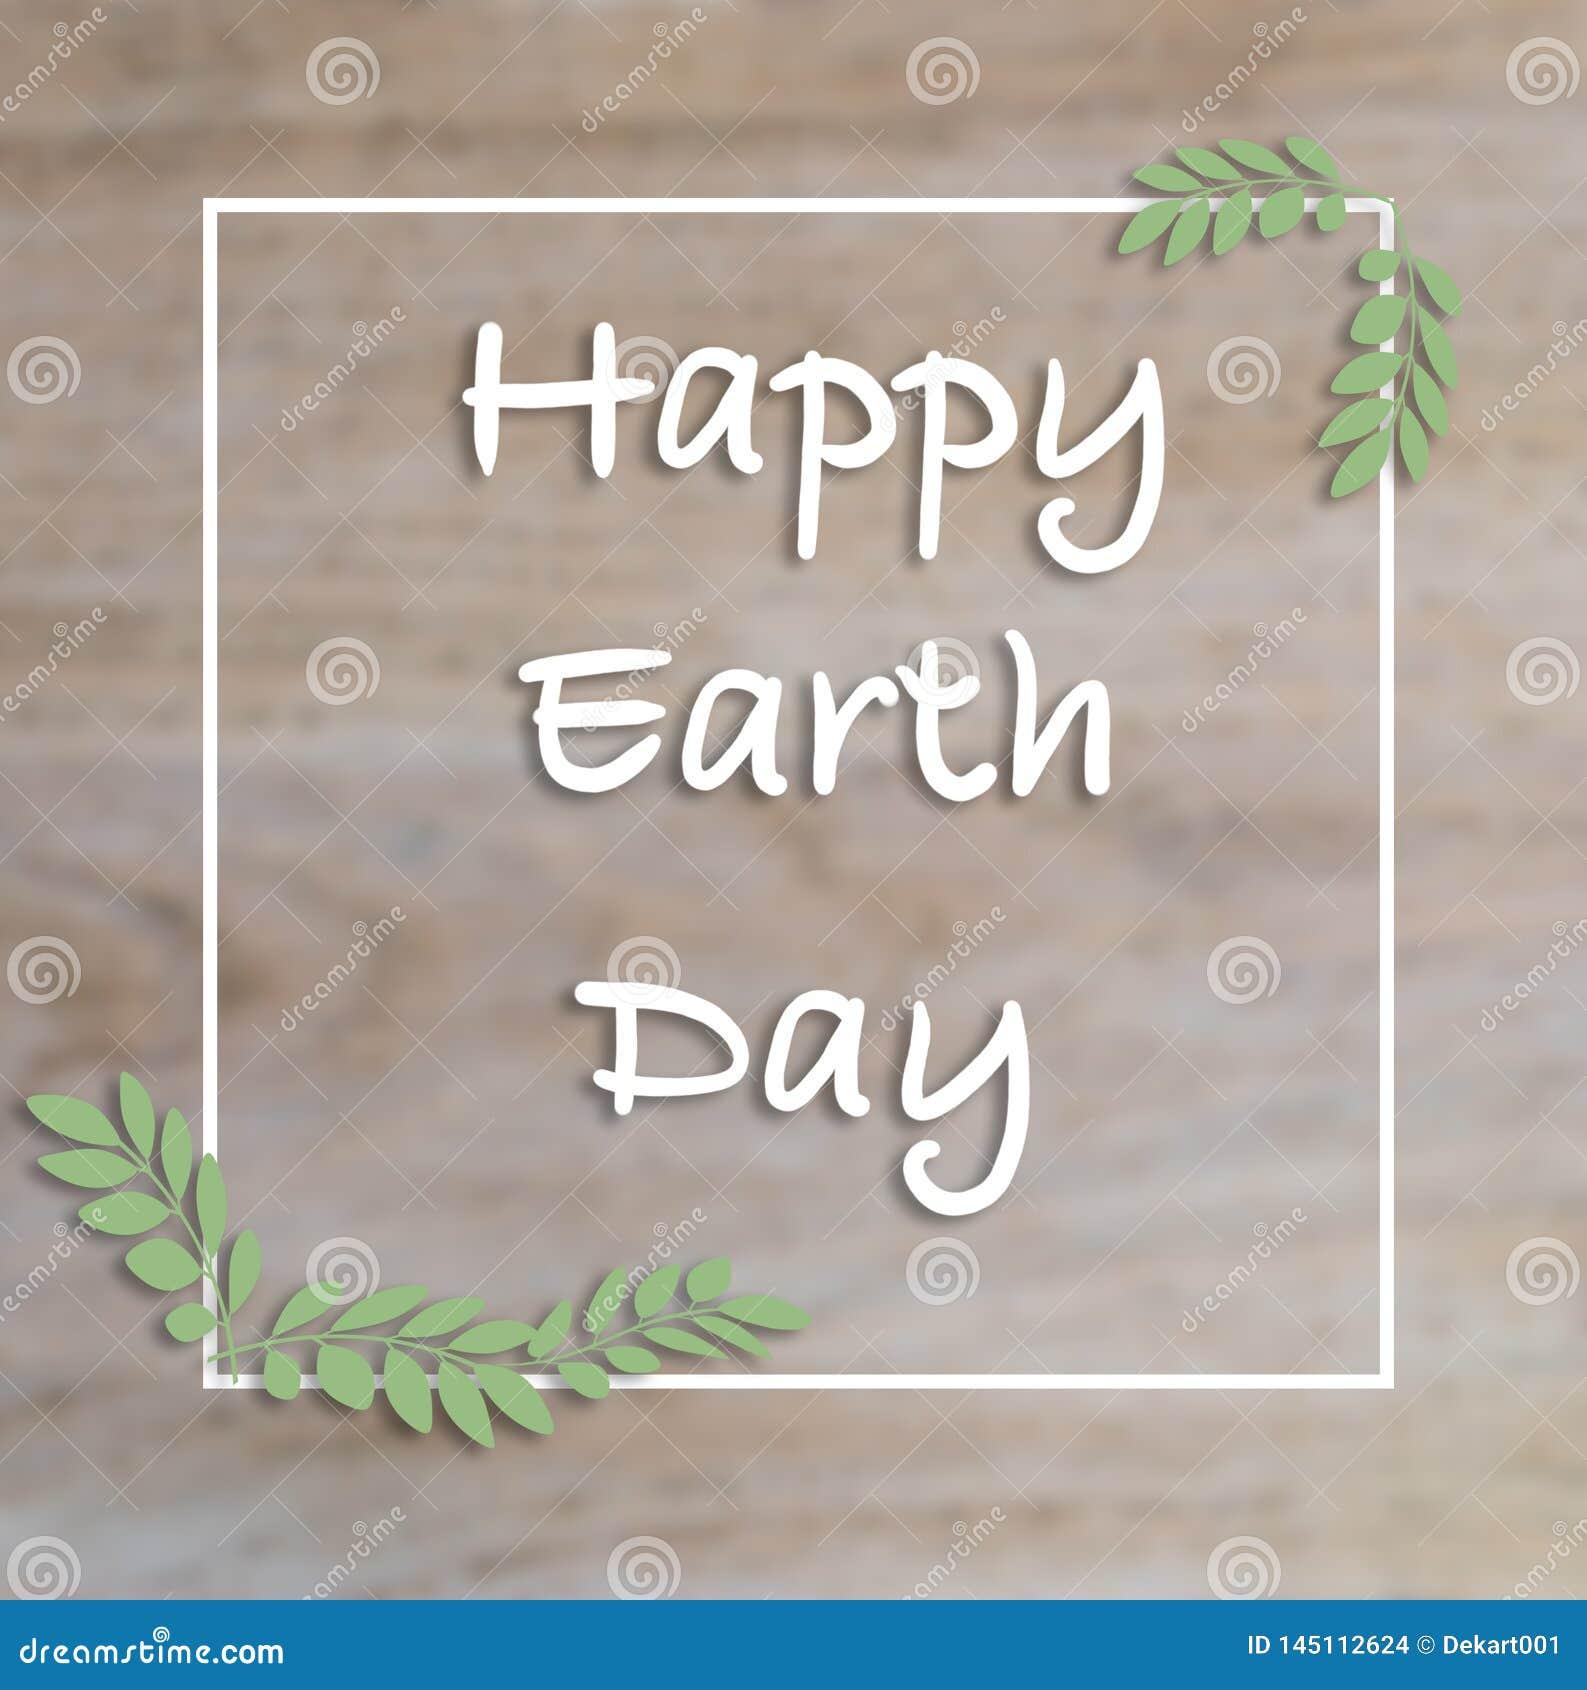 Biglietto postale felice della mano di giornata per la Terra, fondo